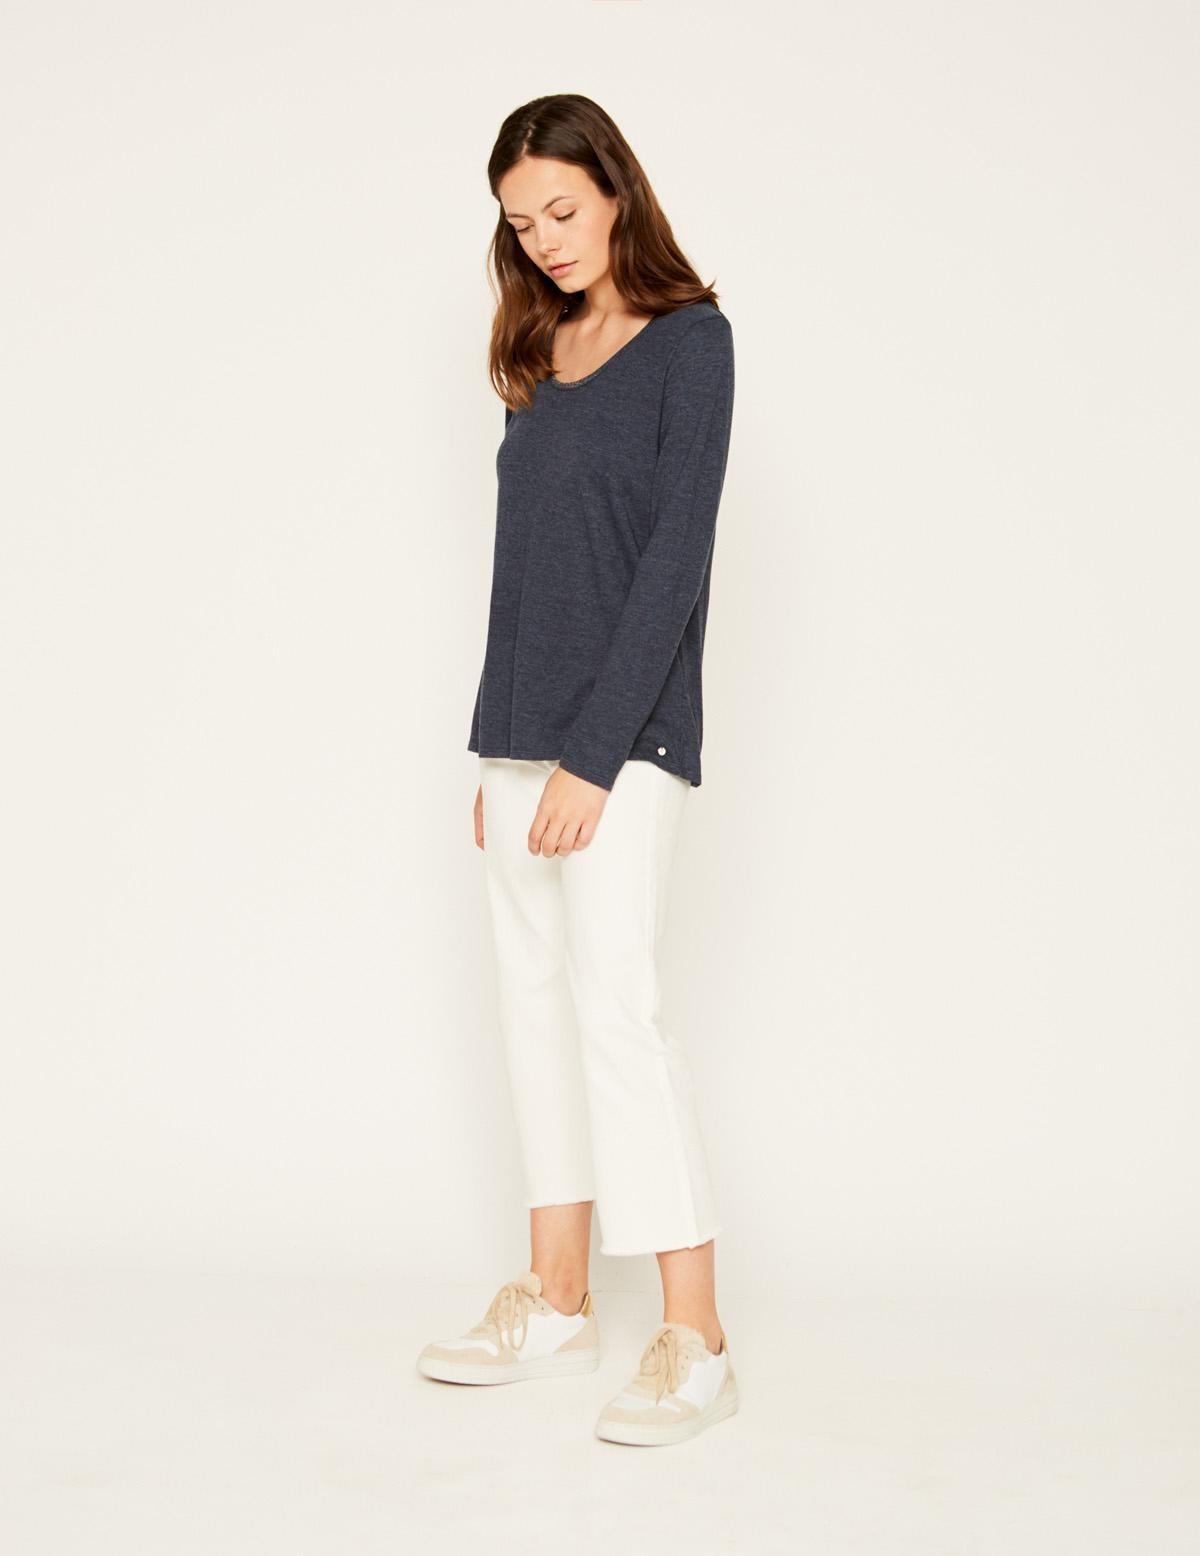 Camiseta escote brillo - Ítem2